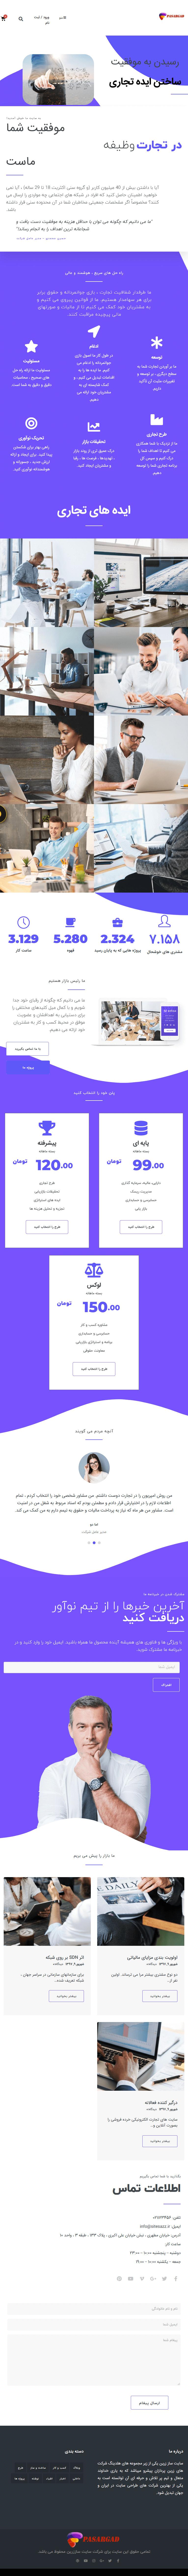 تصویر سایت پاسارگاد در حالت تبلت